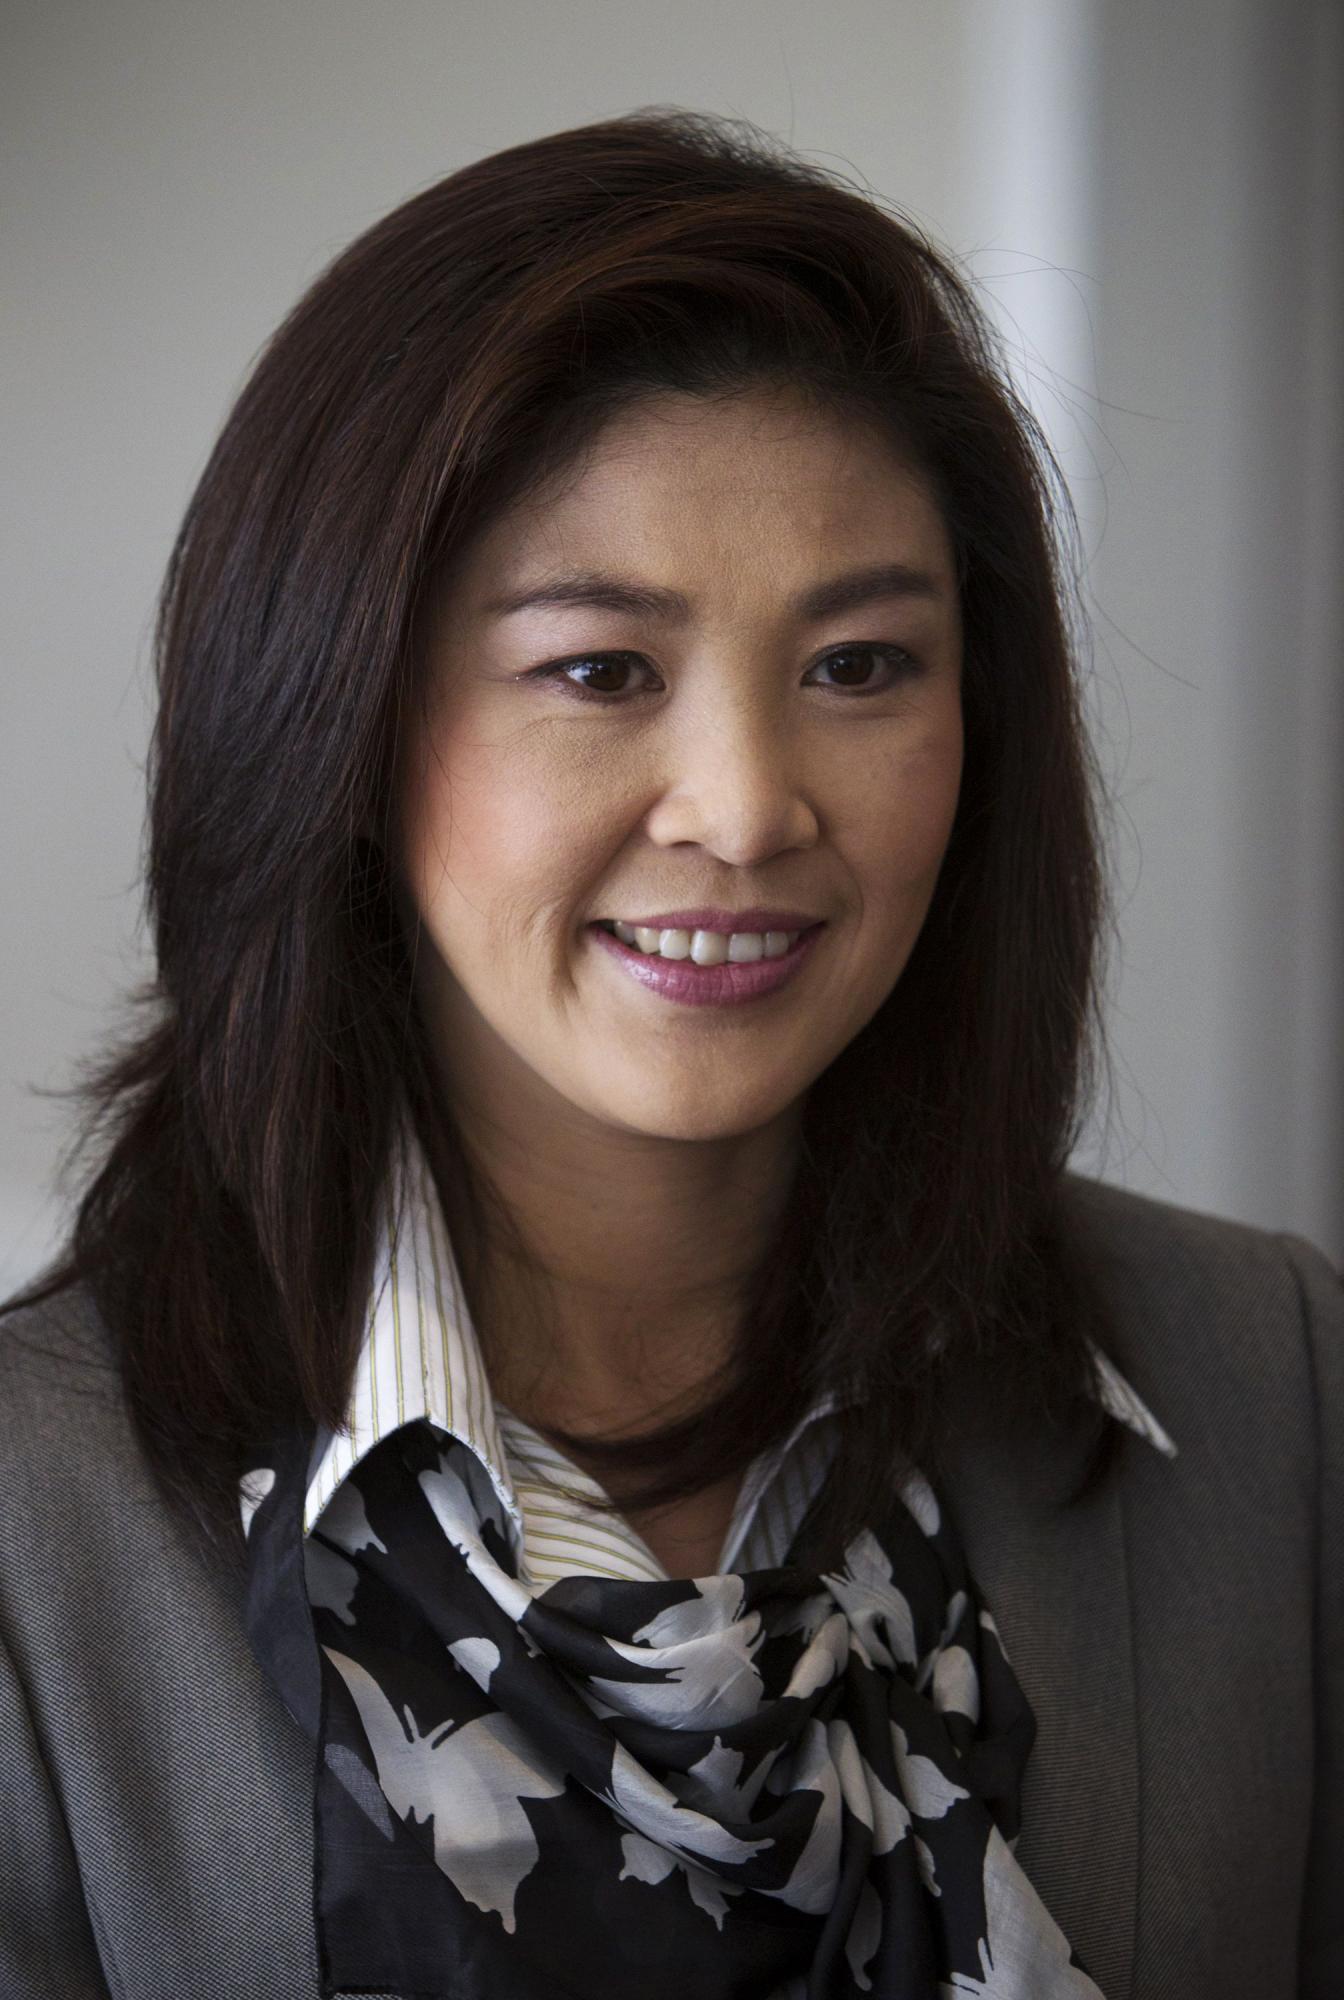 泰国首相英拉简介_泰国女总理 _网络排行榜